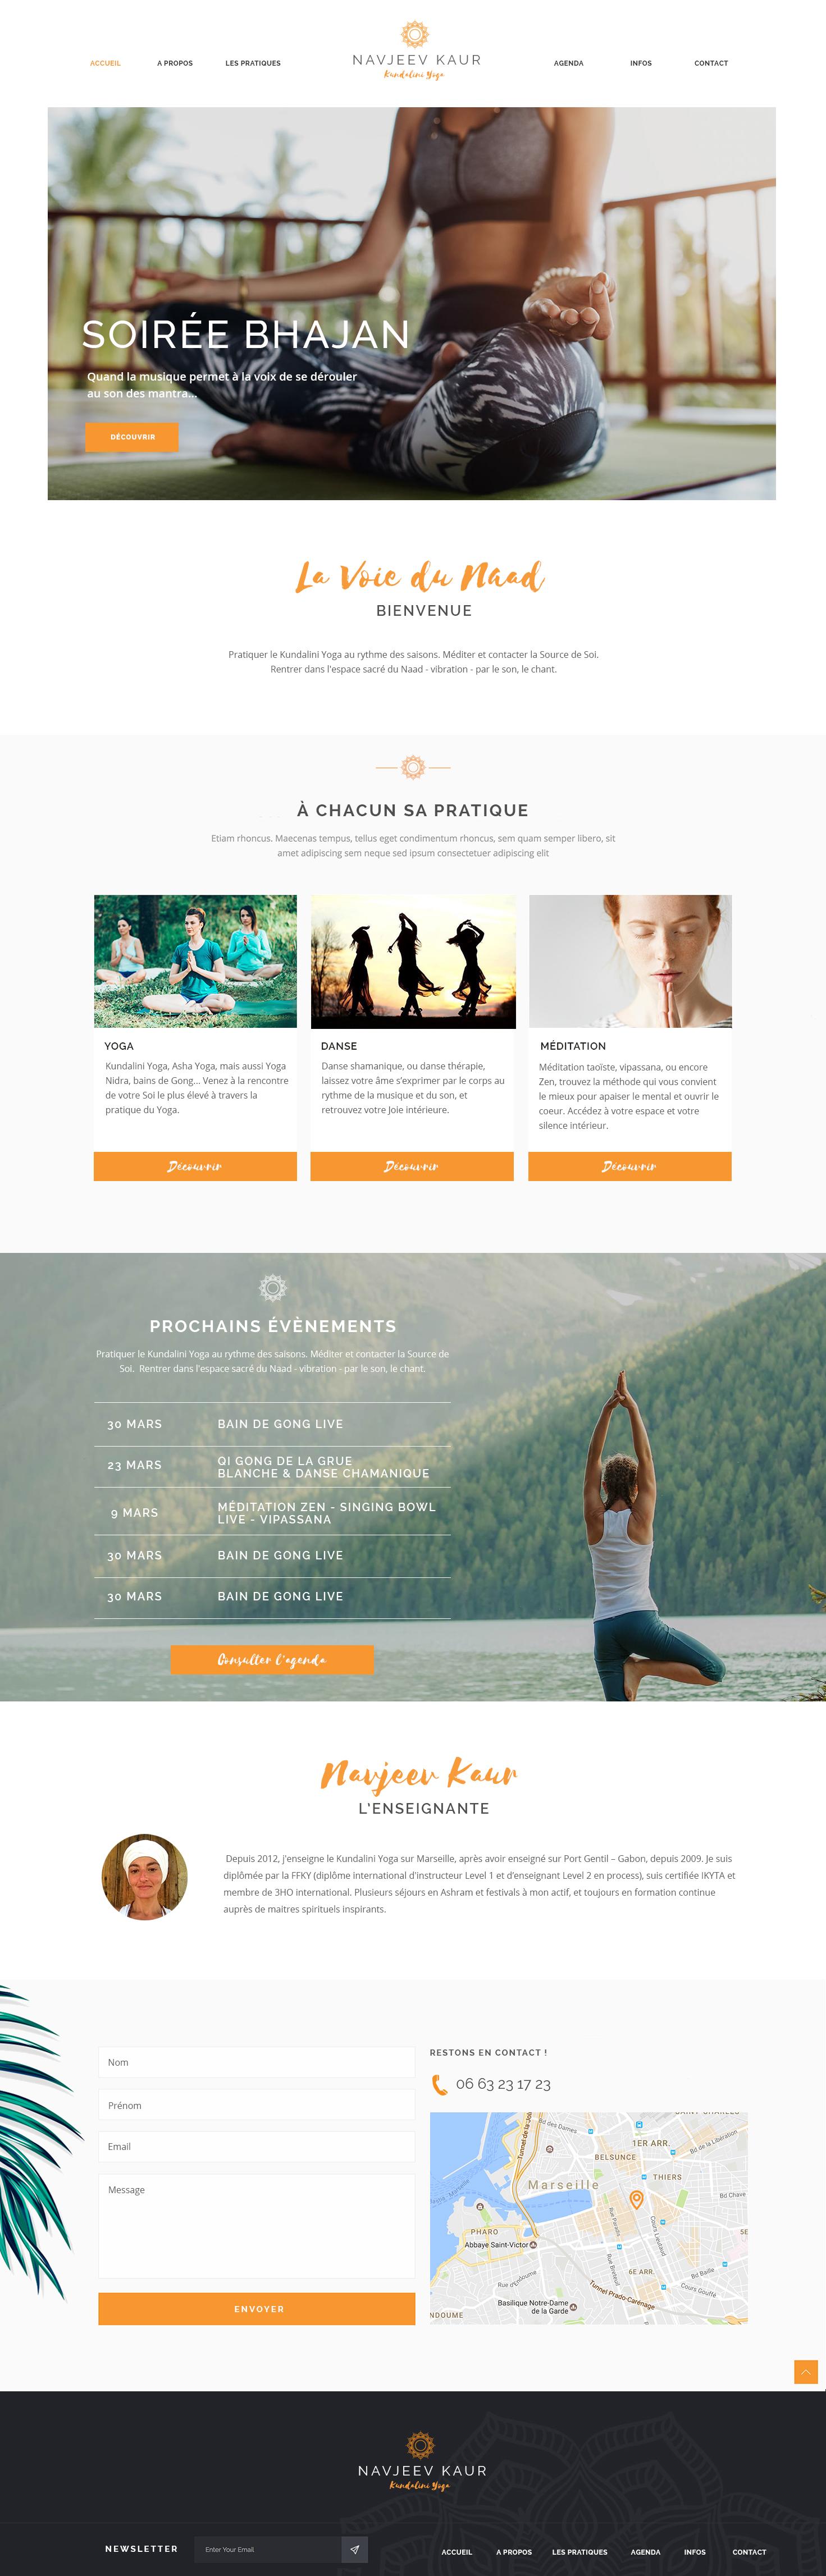 Identité visuelle et webdesign La Voie du Naad